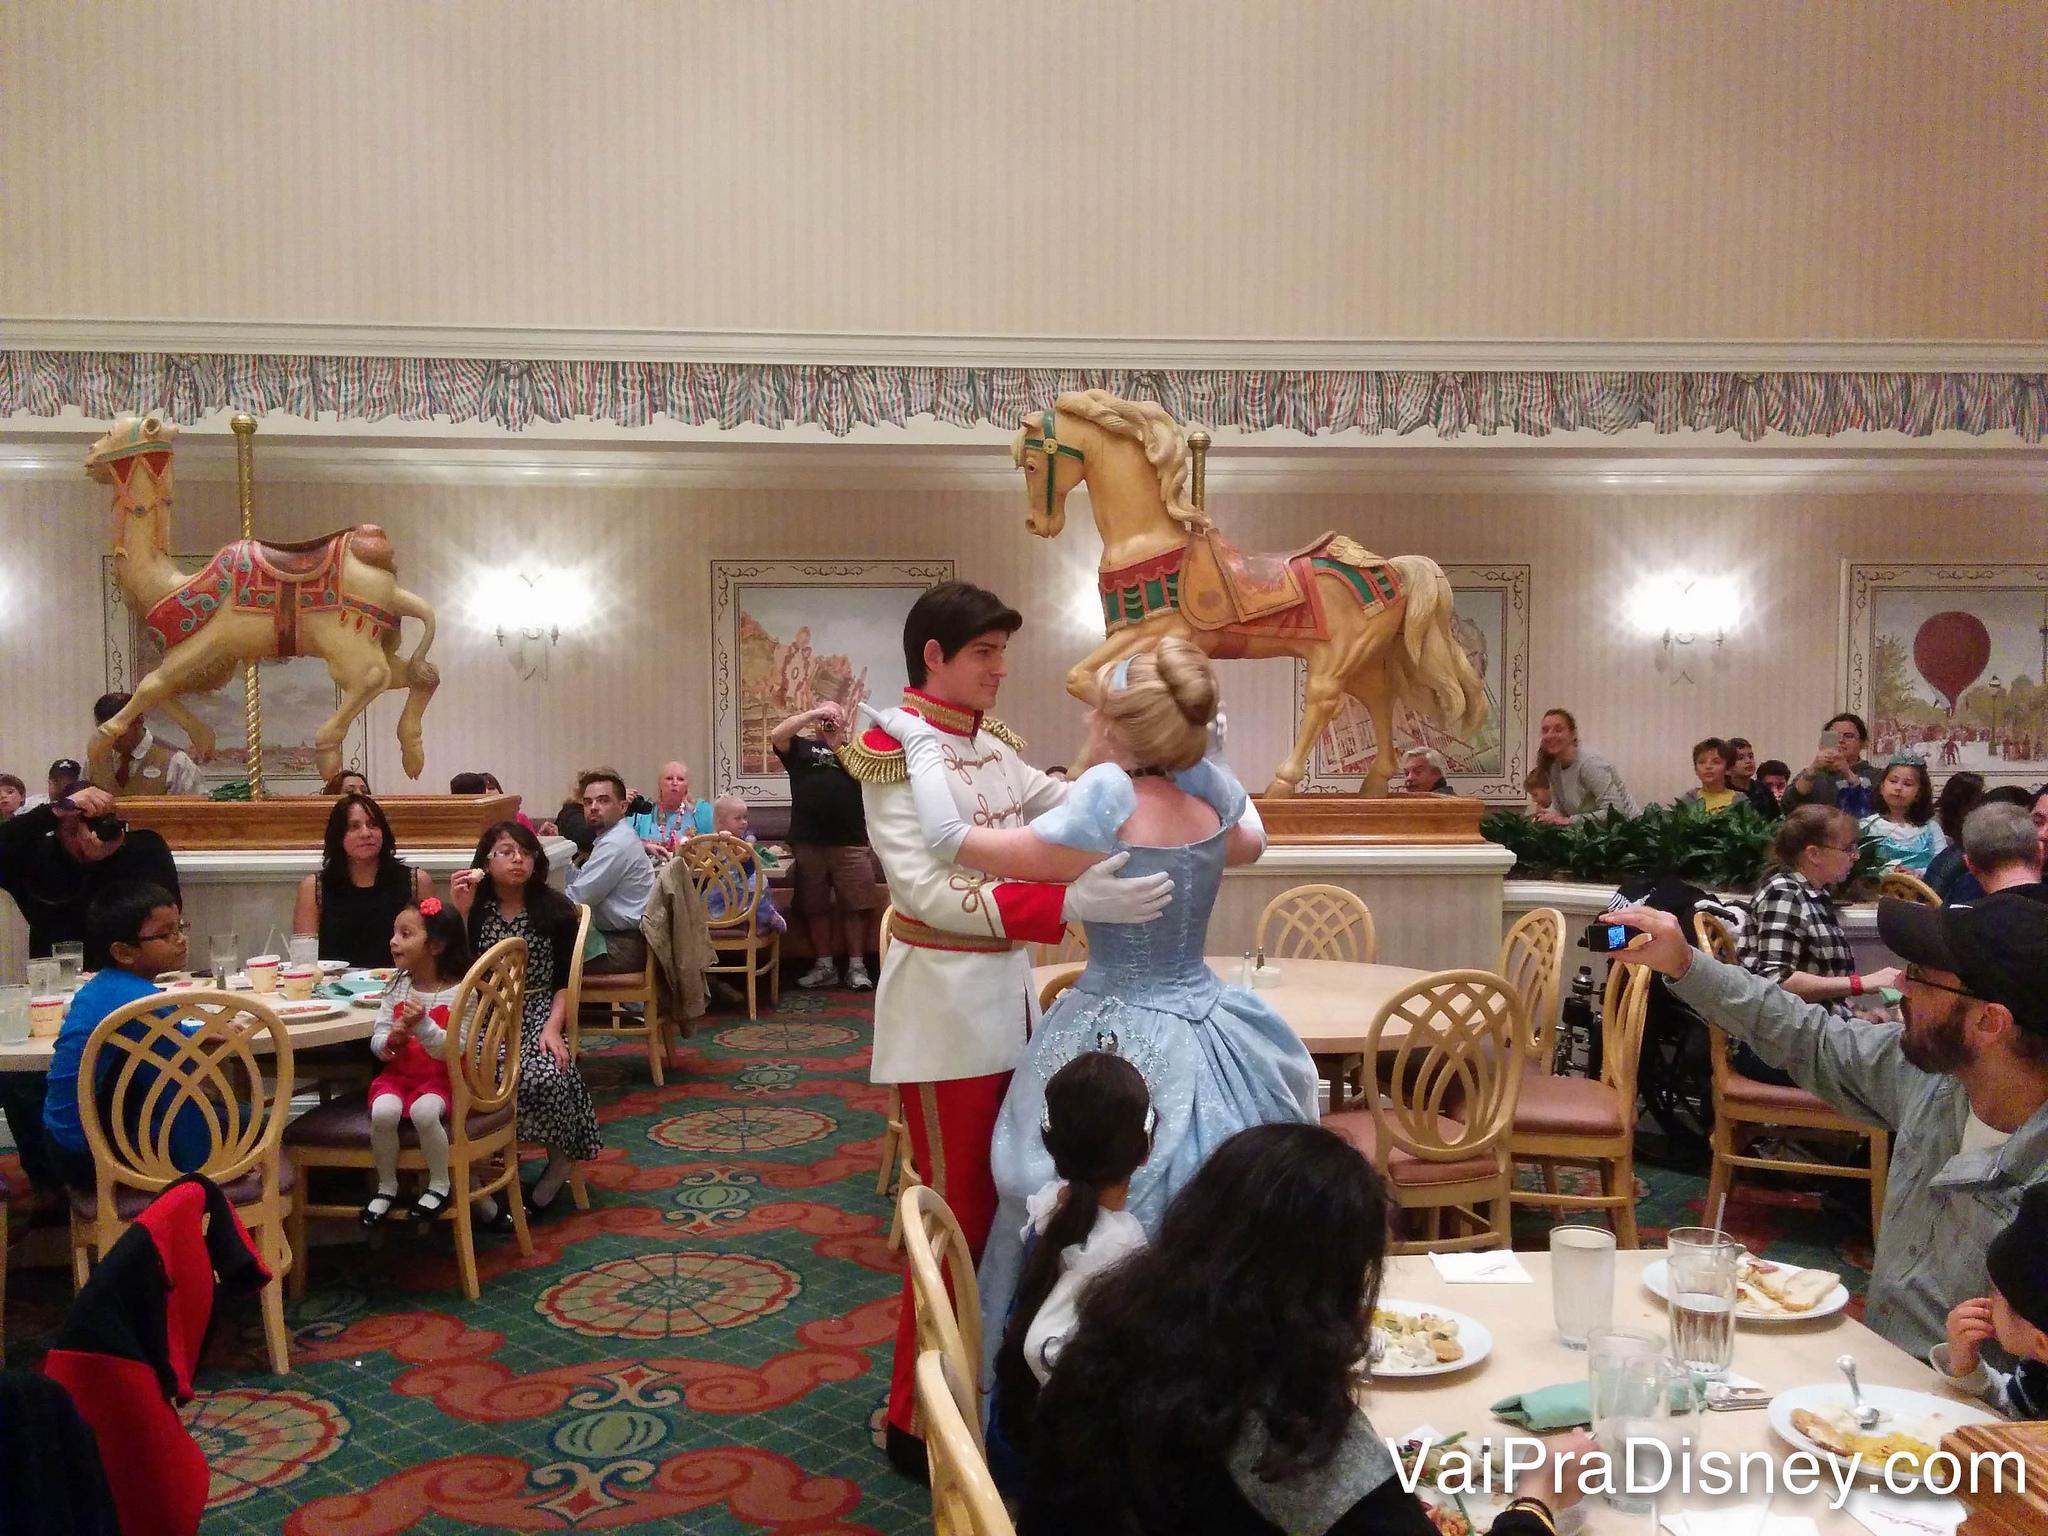 Cinderela e príncipe no jantar do 1900 Park Fare.